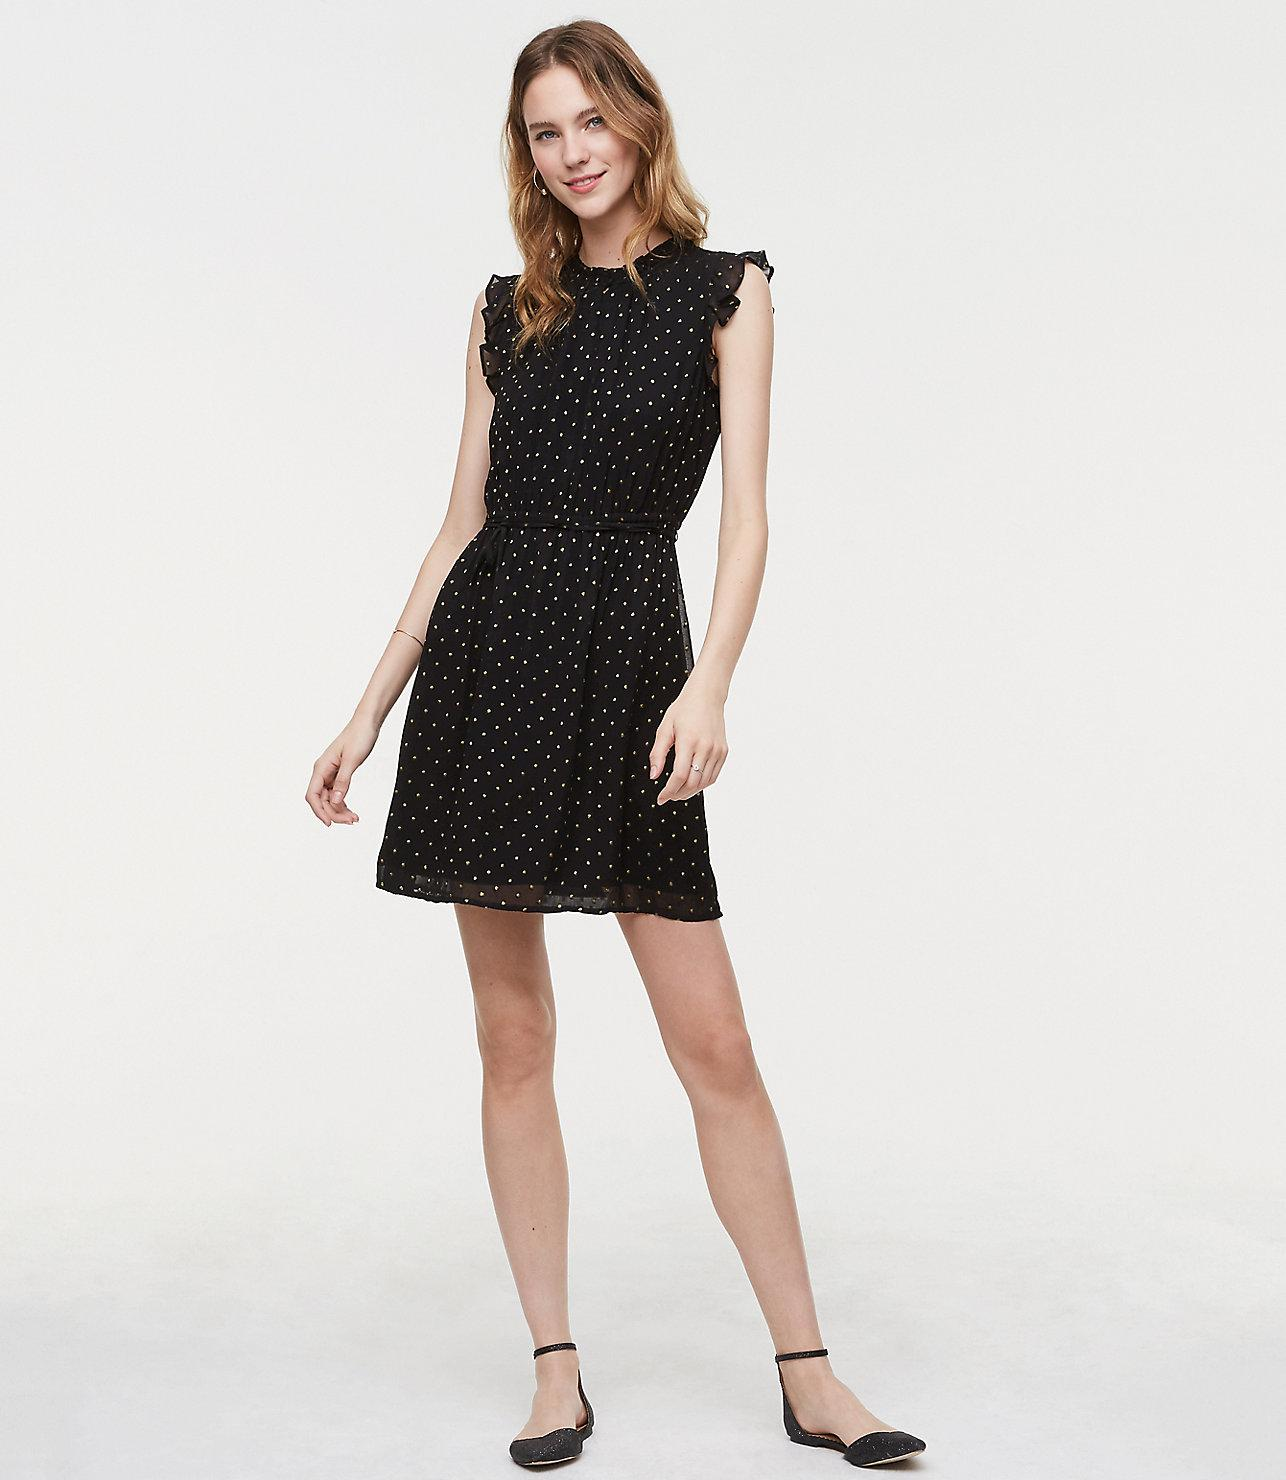 79a59102609 Lyst - LOFT Shimmer Dot Tie Waist Dress in Black